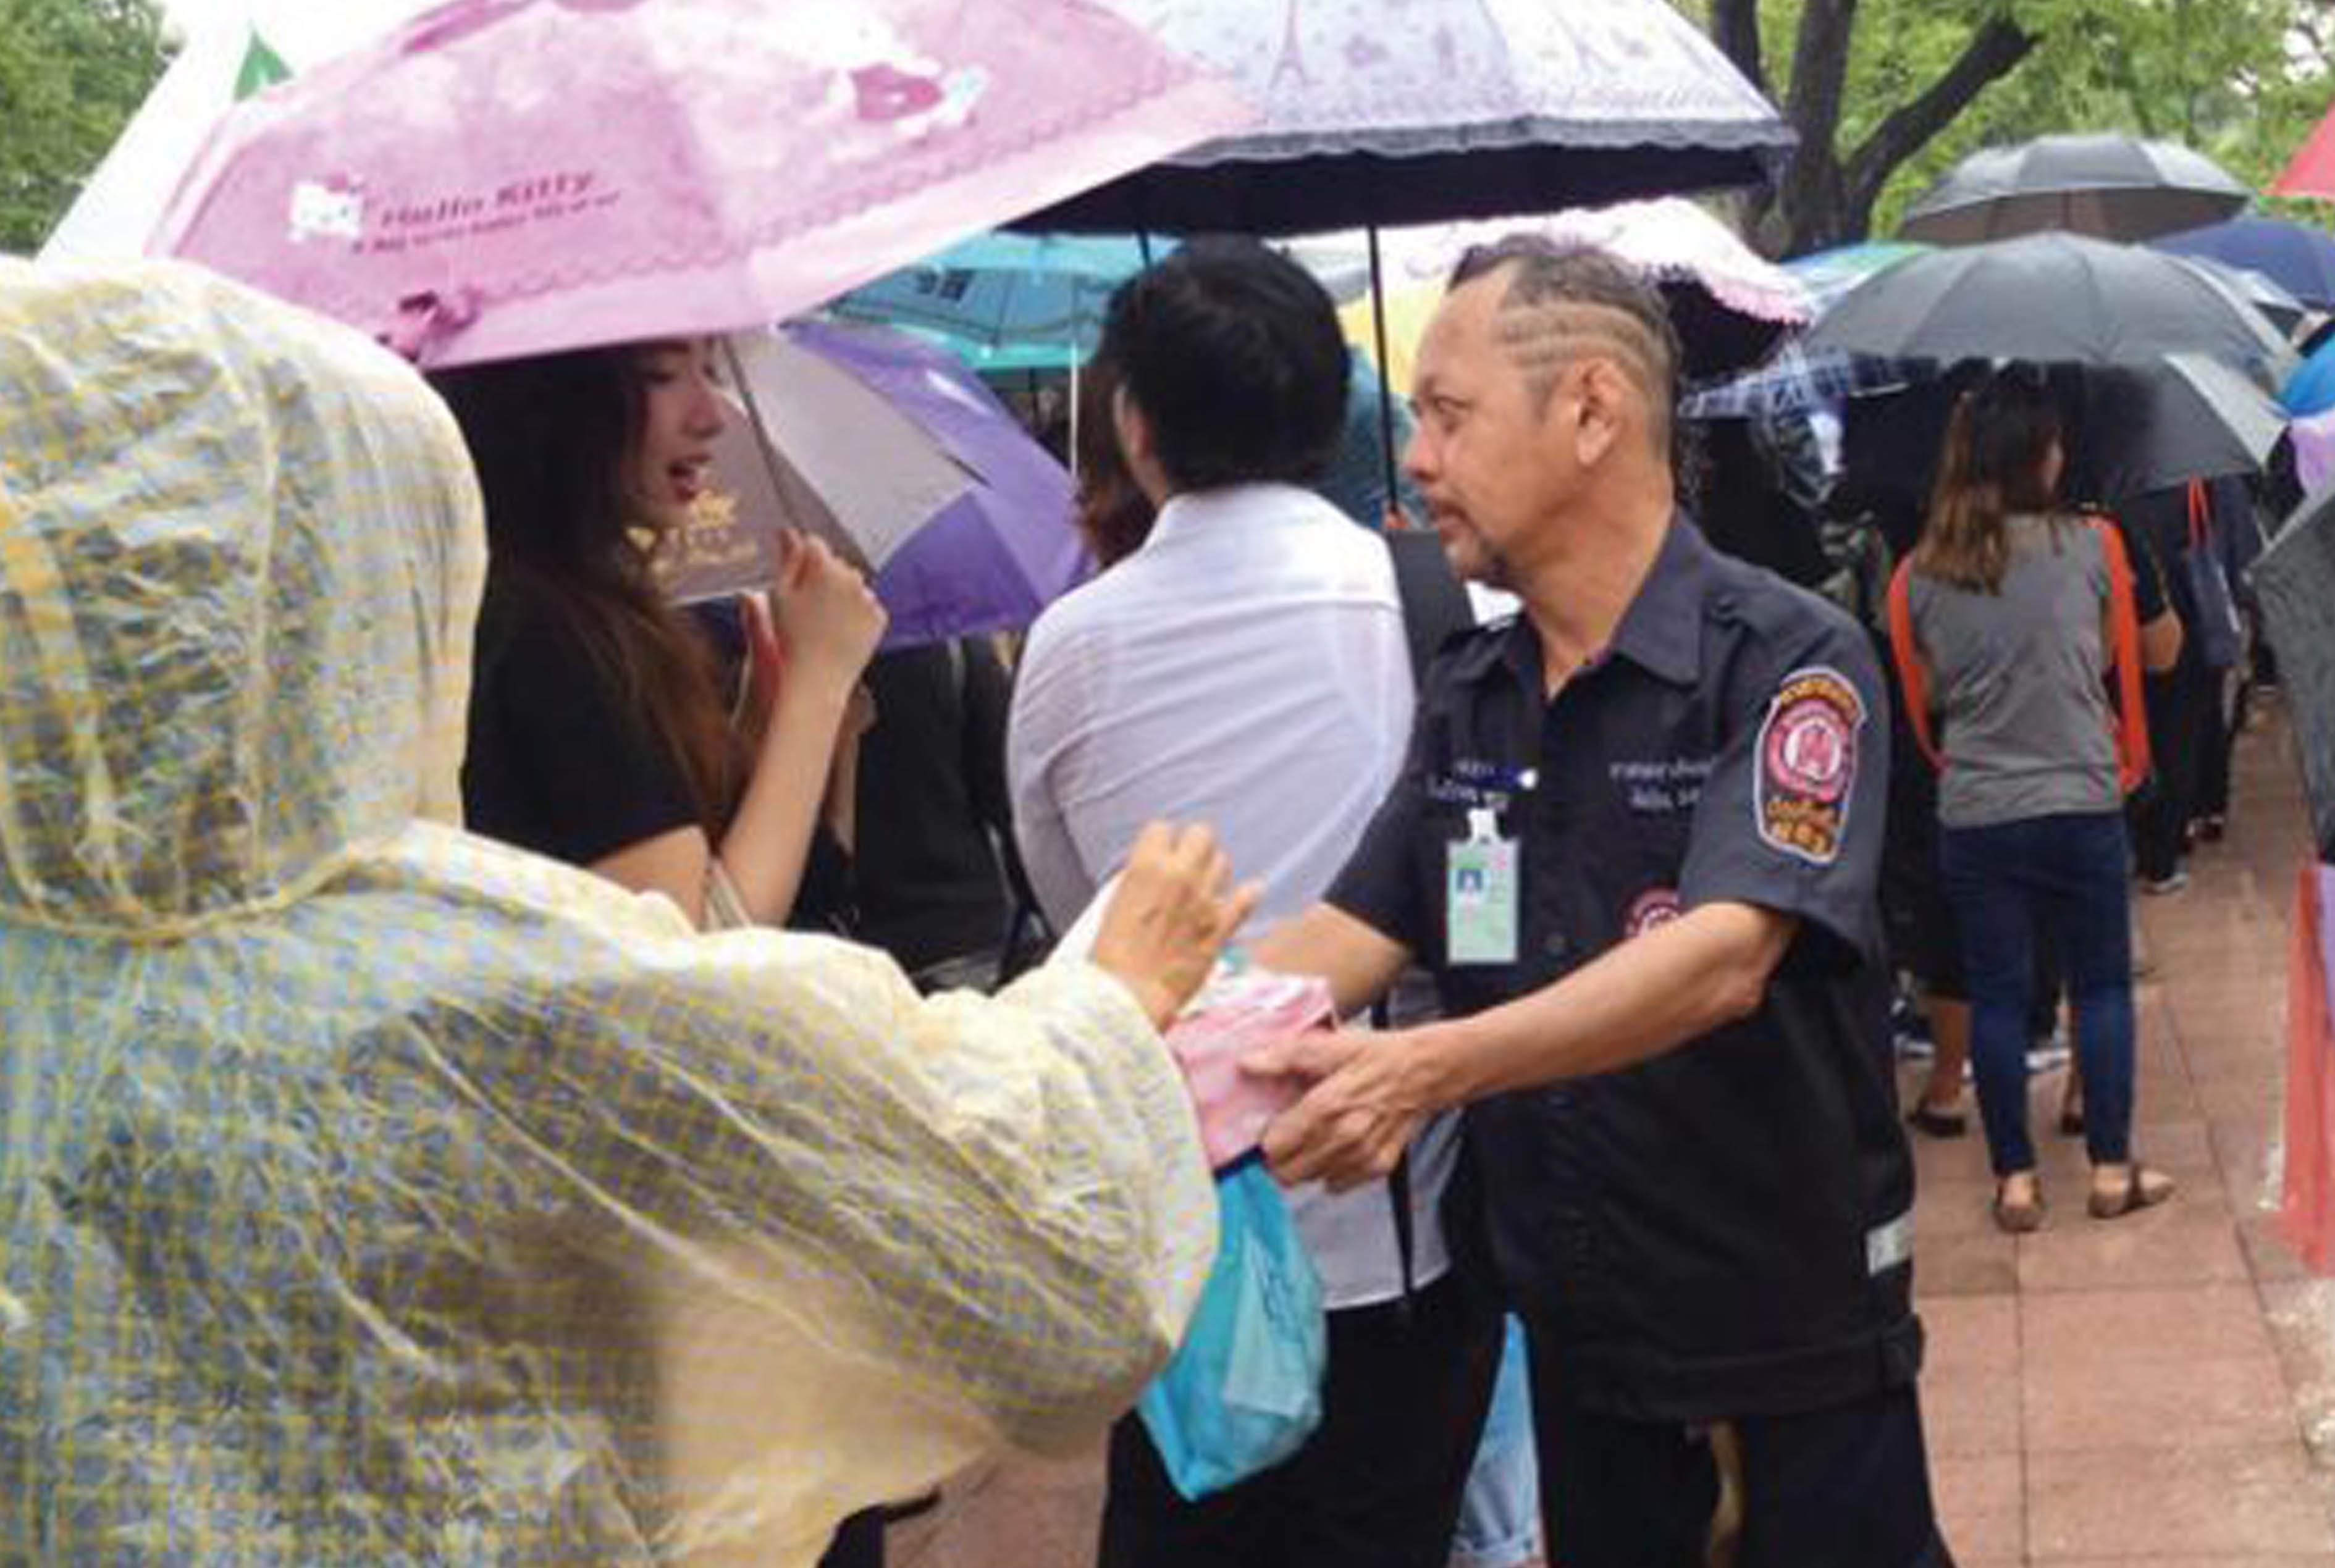 ボランティアとゴミ問題 - ワイズデジタル【タイで生活する人のための情報サイト】